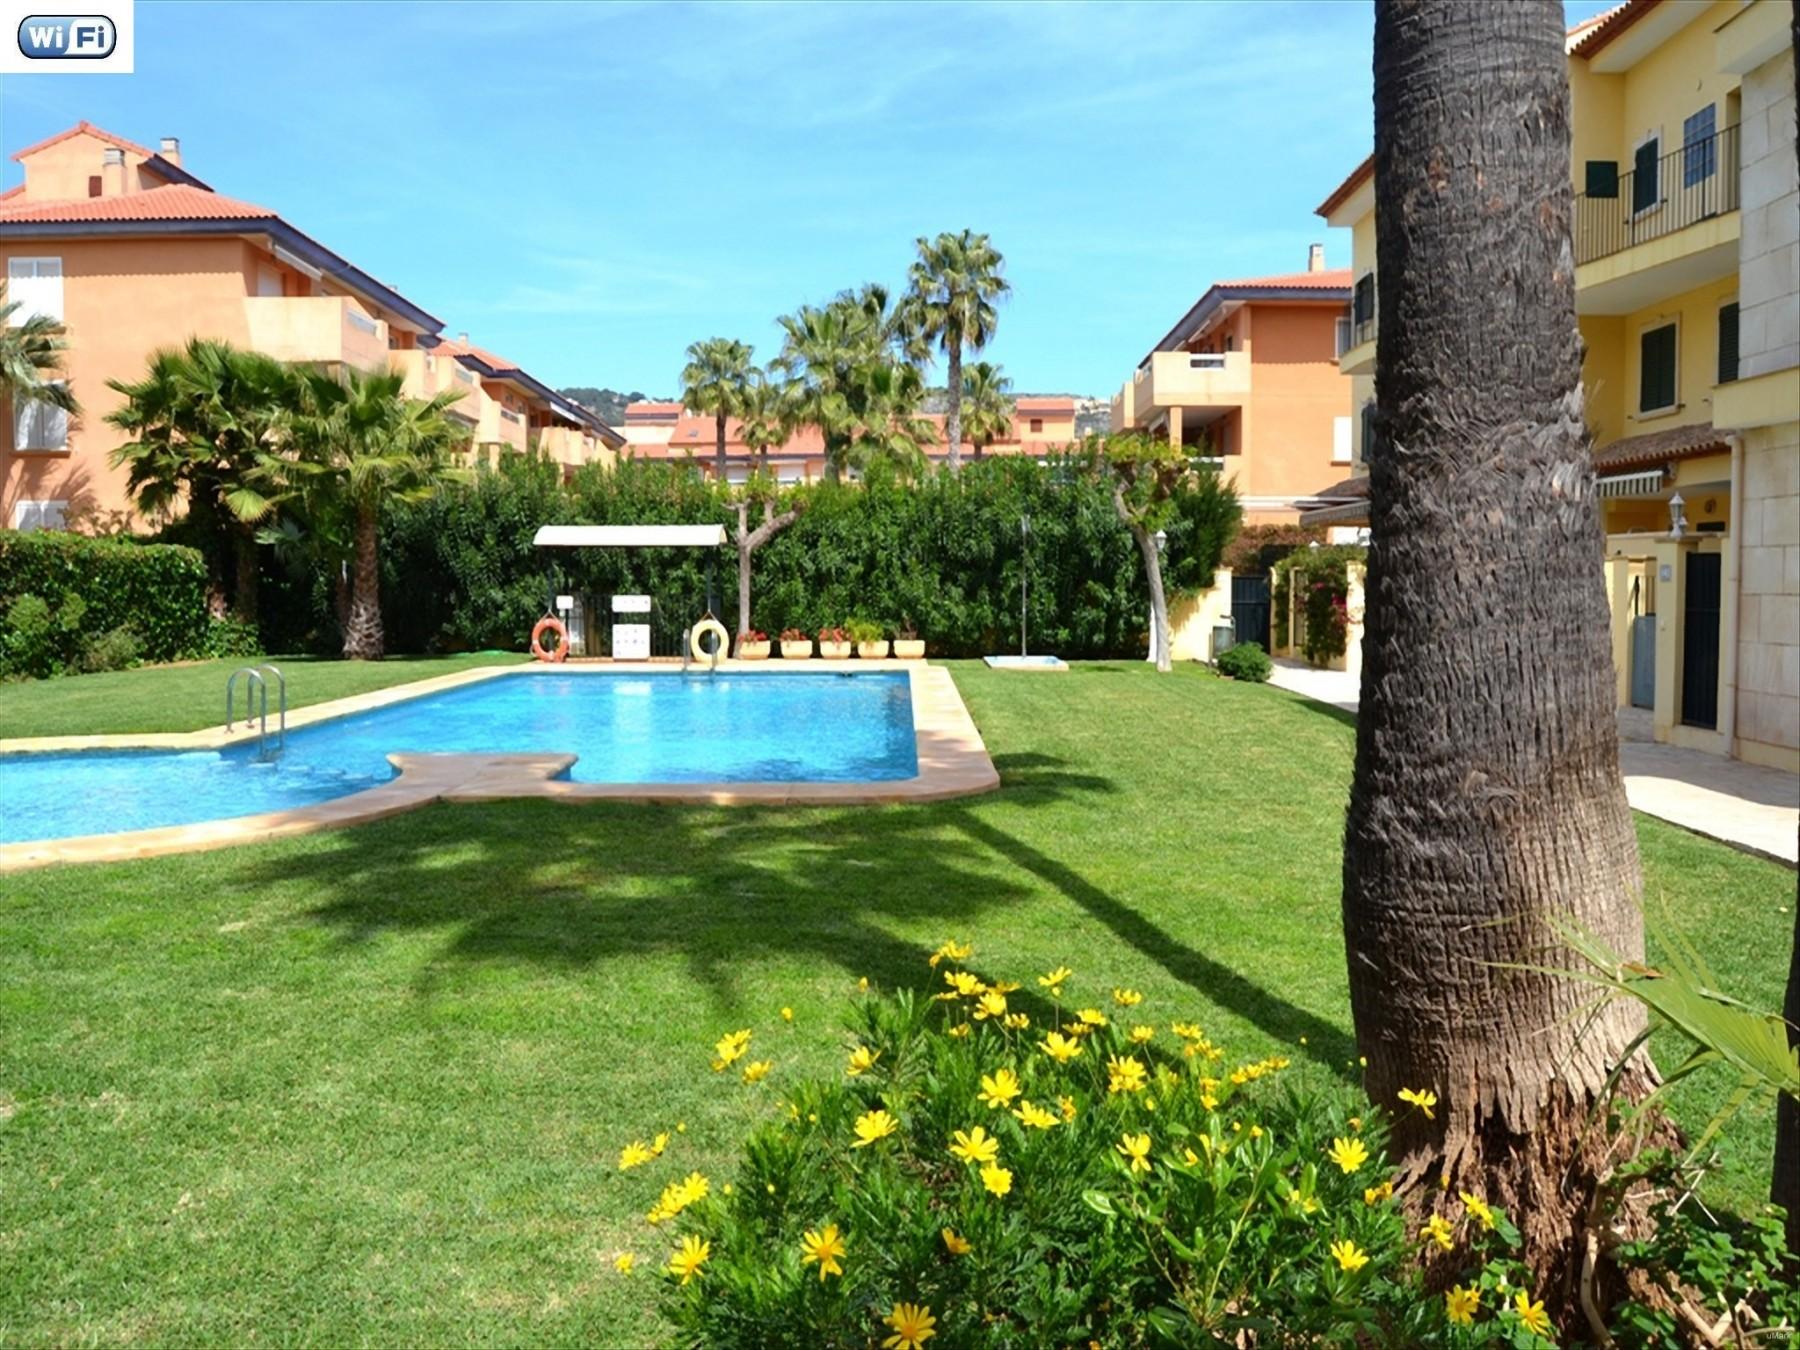 5009 Apartamento Javea Land for 4 guests in Jávea, Spain